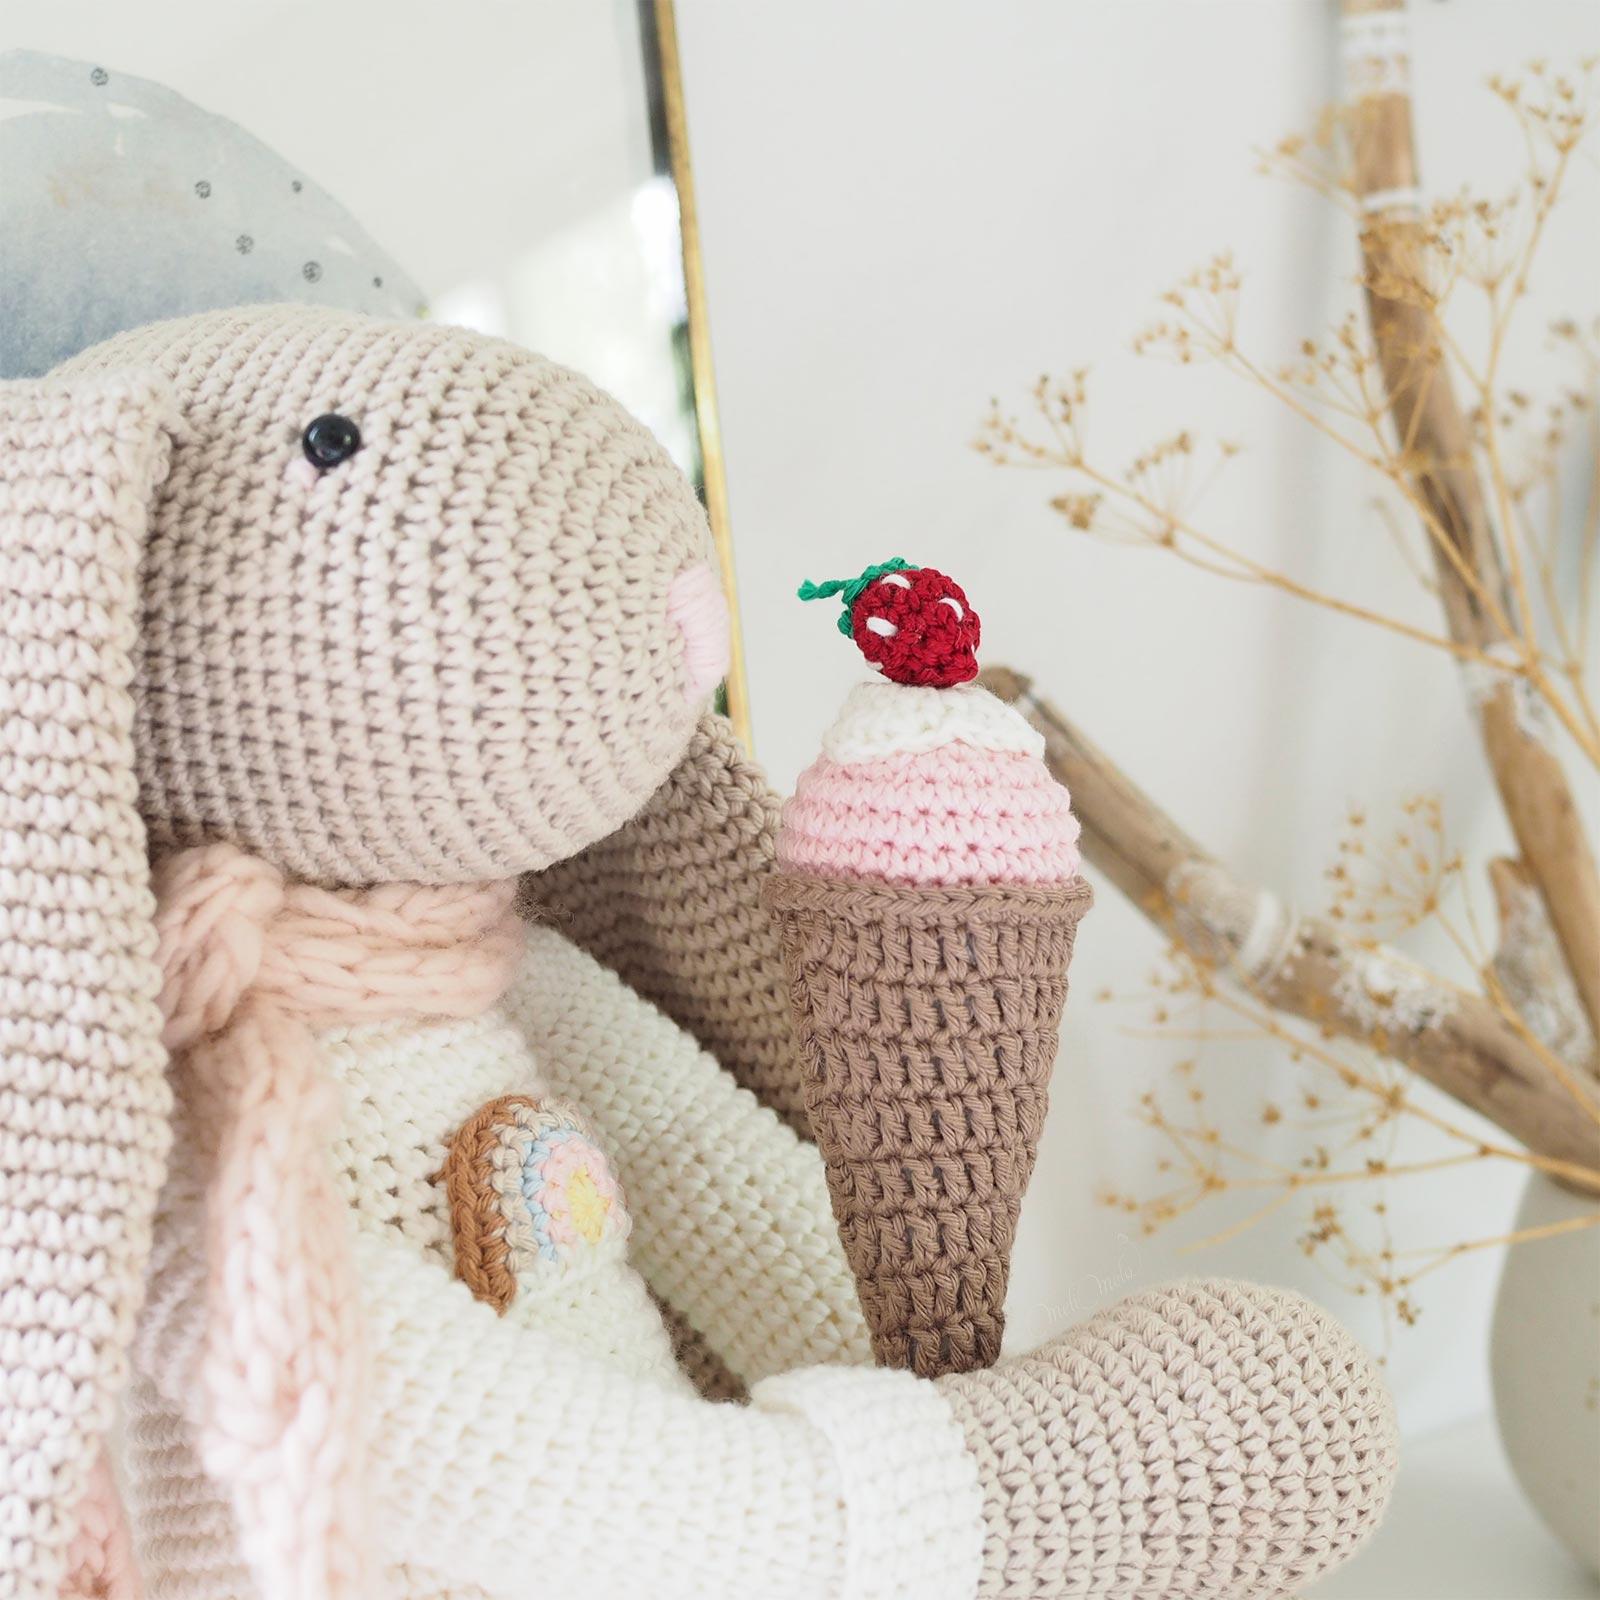 lapin doudou crochet glace coton Ricorumi Boutique MeliMelo